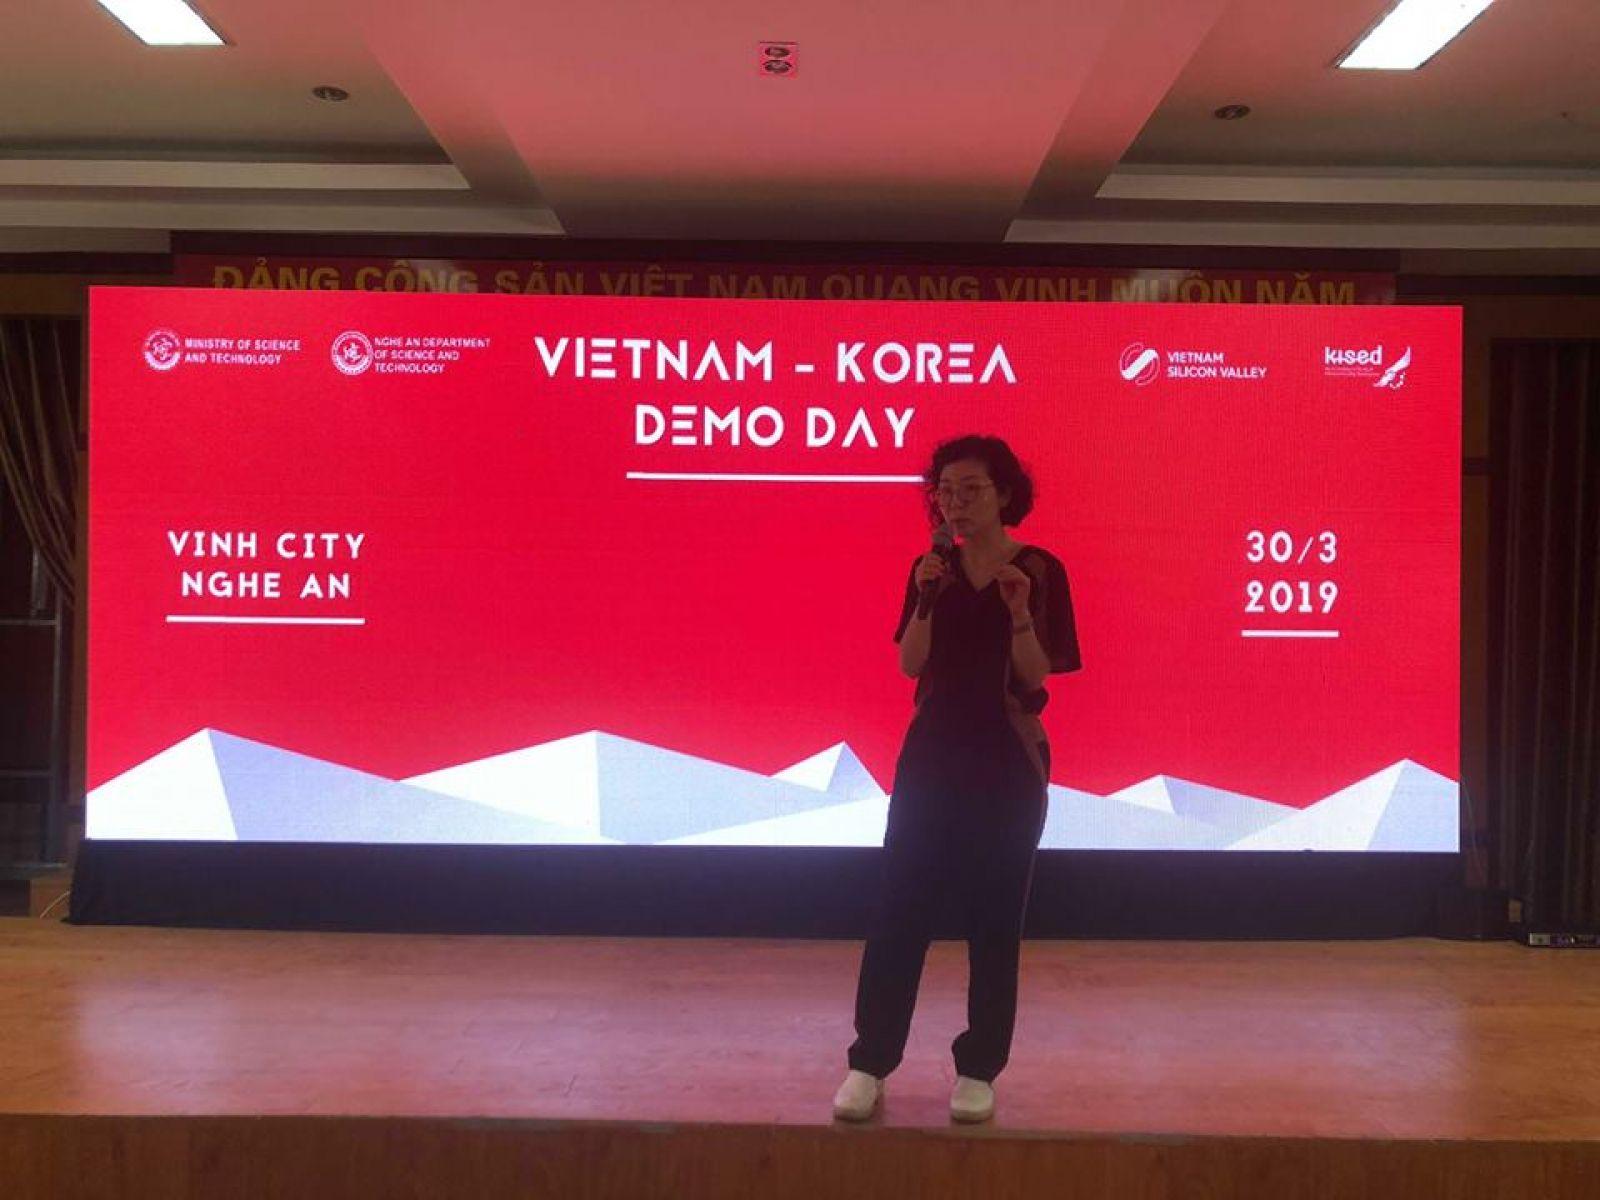 Bà Junjung Park thể hiện khao khát làm cho mối quan hệ Hàn Quốc – Việt Nam trở nên gắn bó, khăng khít hơn nhờ vào sự kết nối khoa học, kỹ thuật – công nghệ giữa các doanh nghiệp Việt Nam – Hàn Quốc